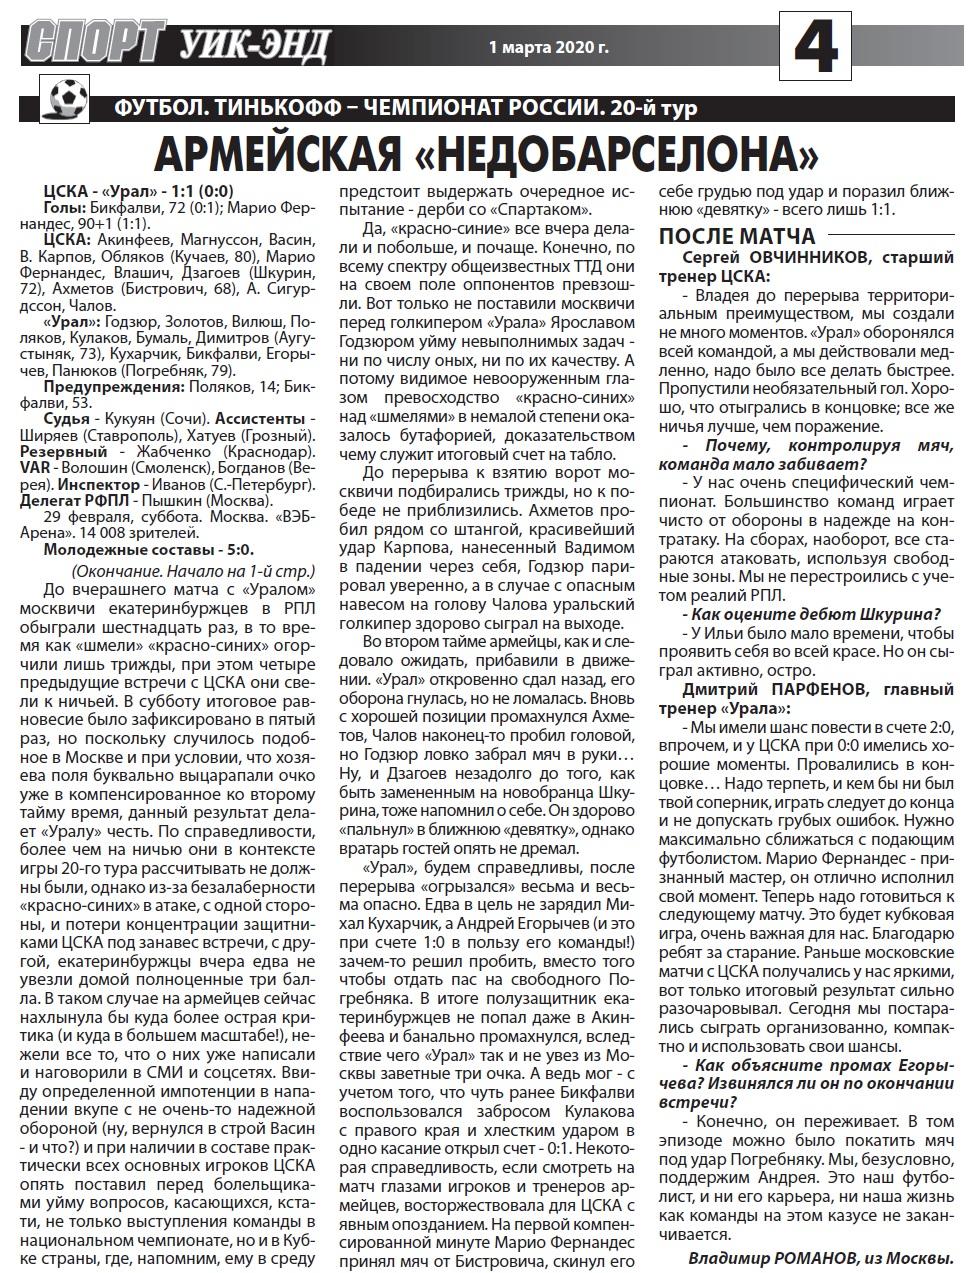 ЦСКА (Москва) - Урал (Екатеринбург) 1:1. Нажмите, чтобы посмотреть истинный размер рисунка